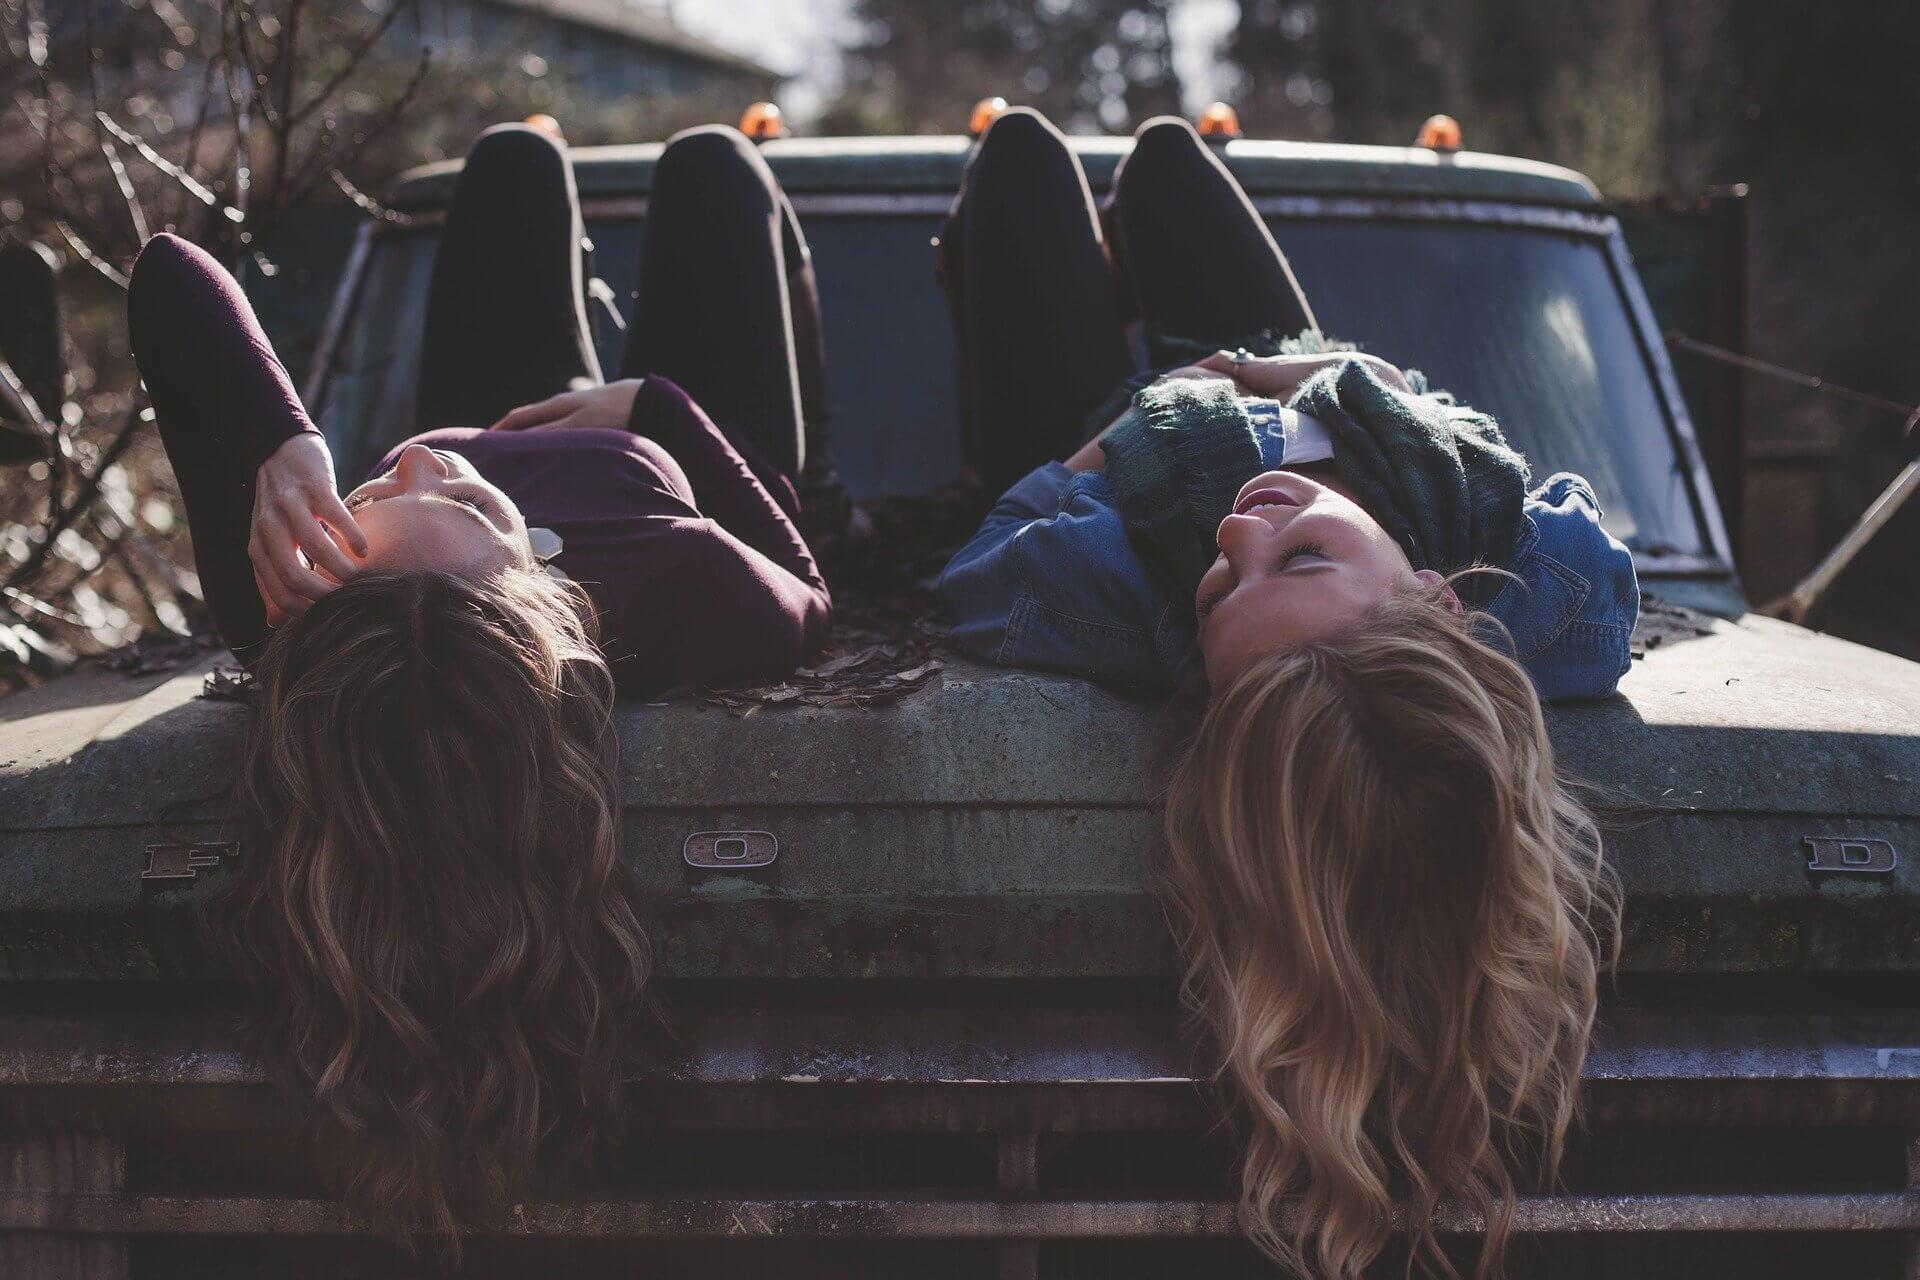 αυτοκίνητα-νέοι-φοιτητές